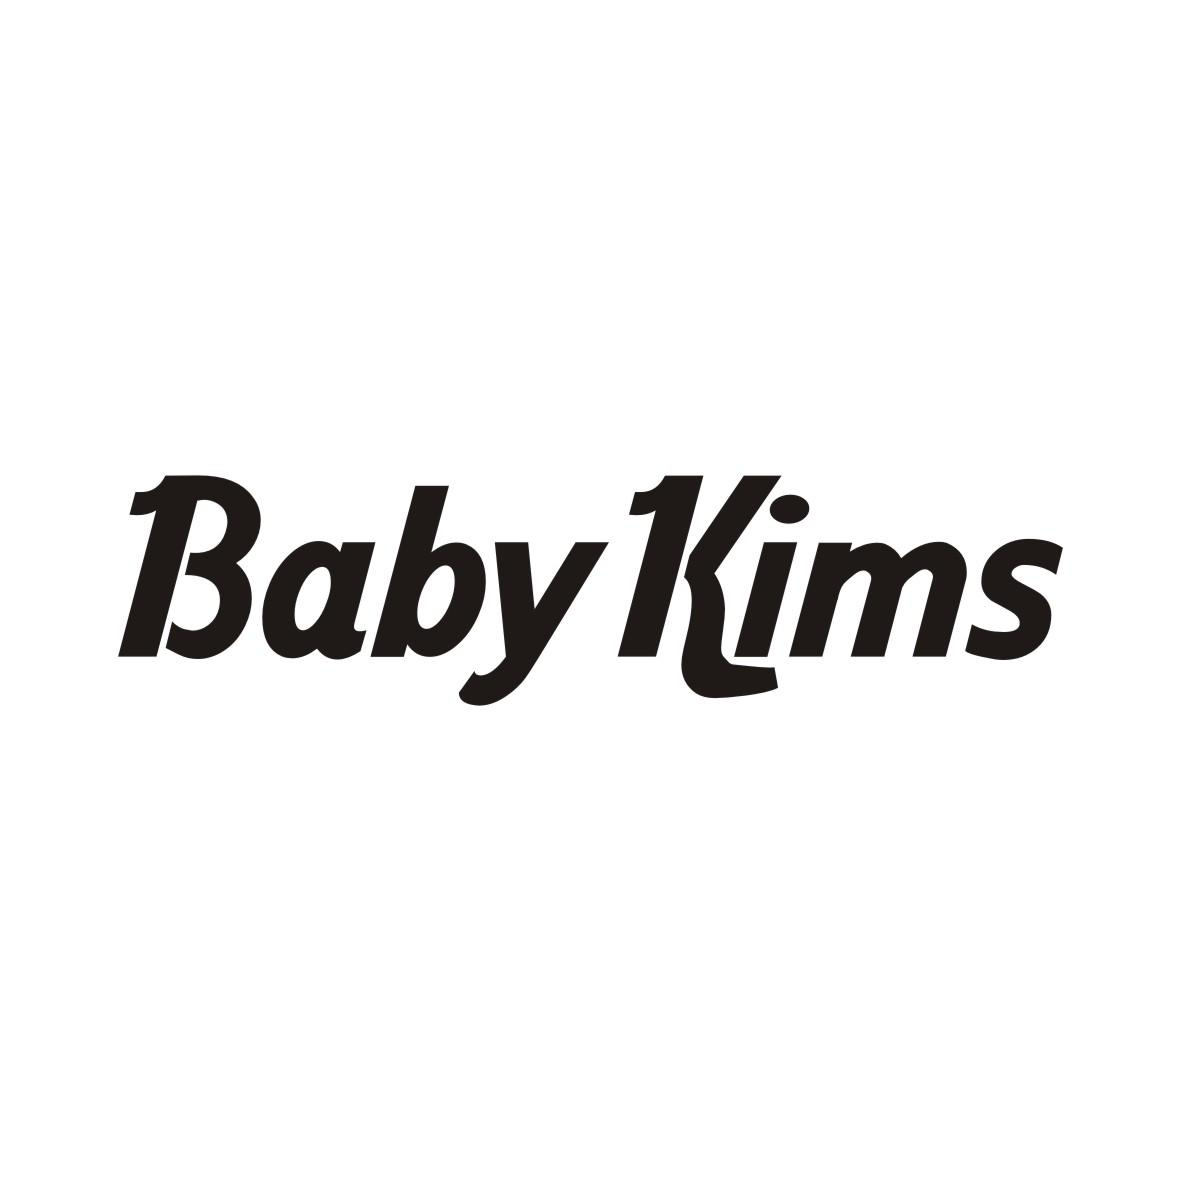 BABYKIMS